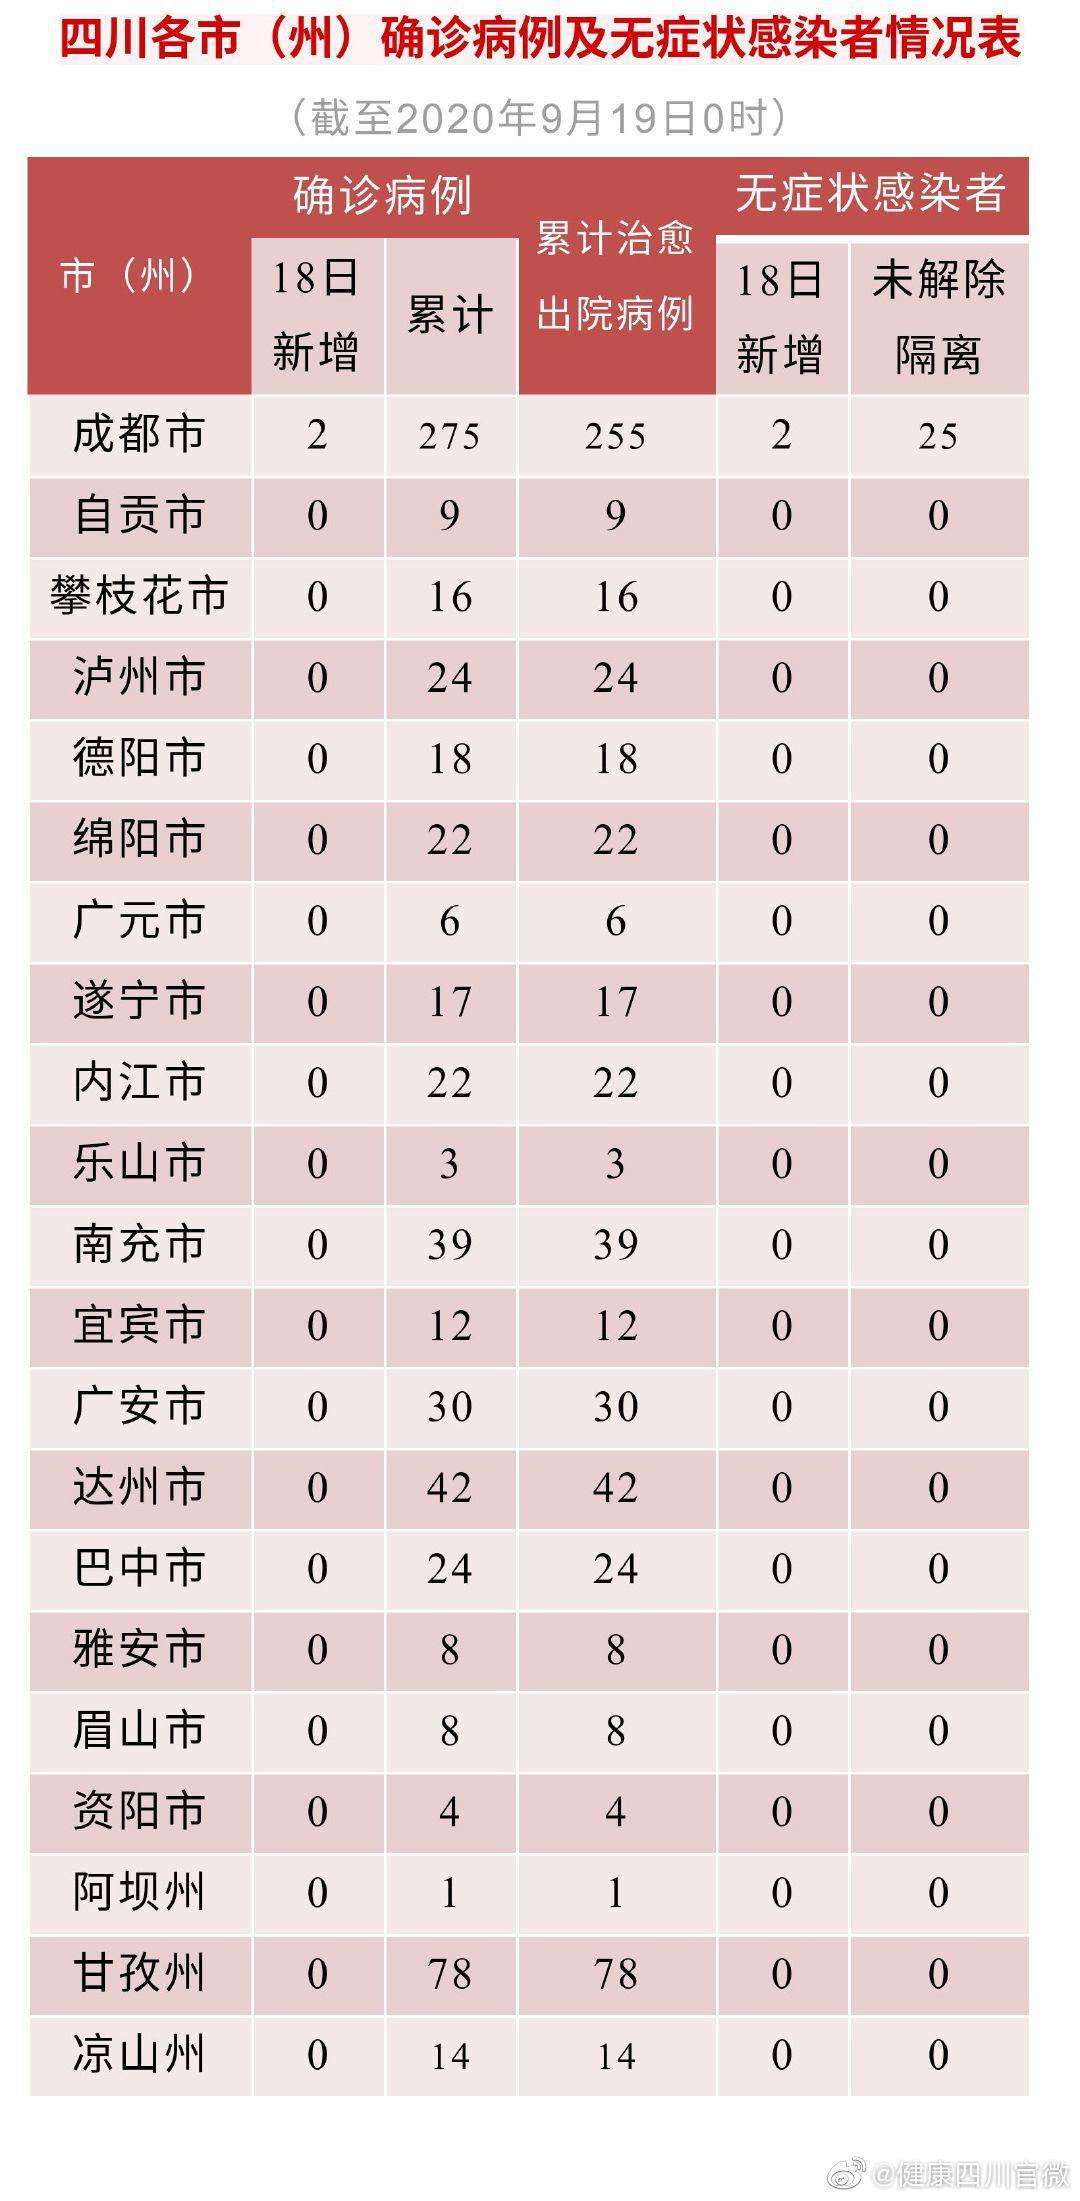 四川新增新型冠状病毒肺炎确诊病例2例